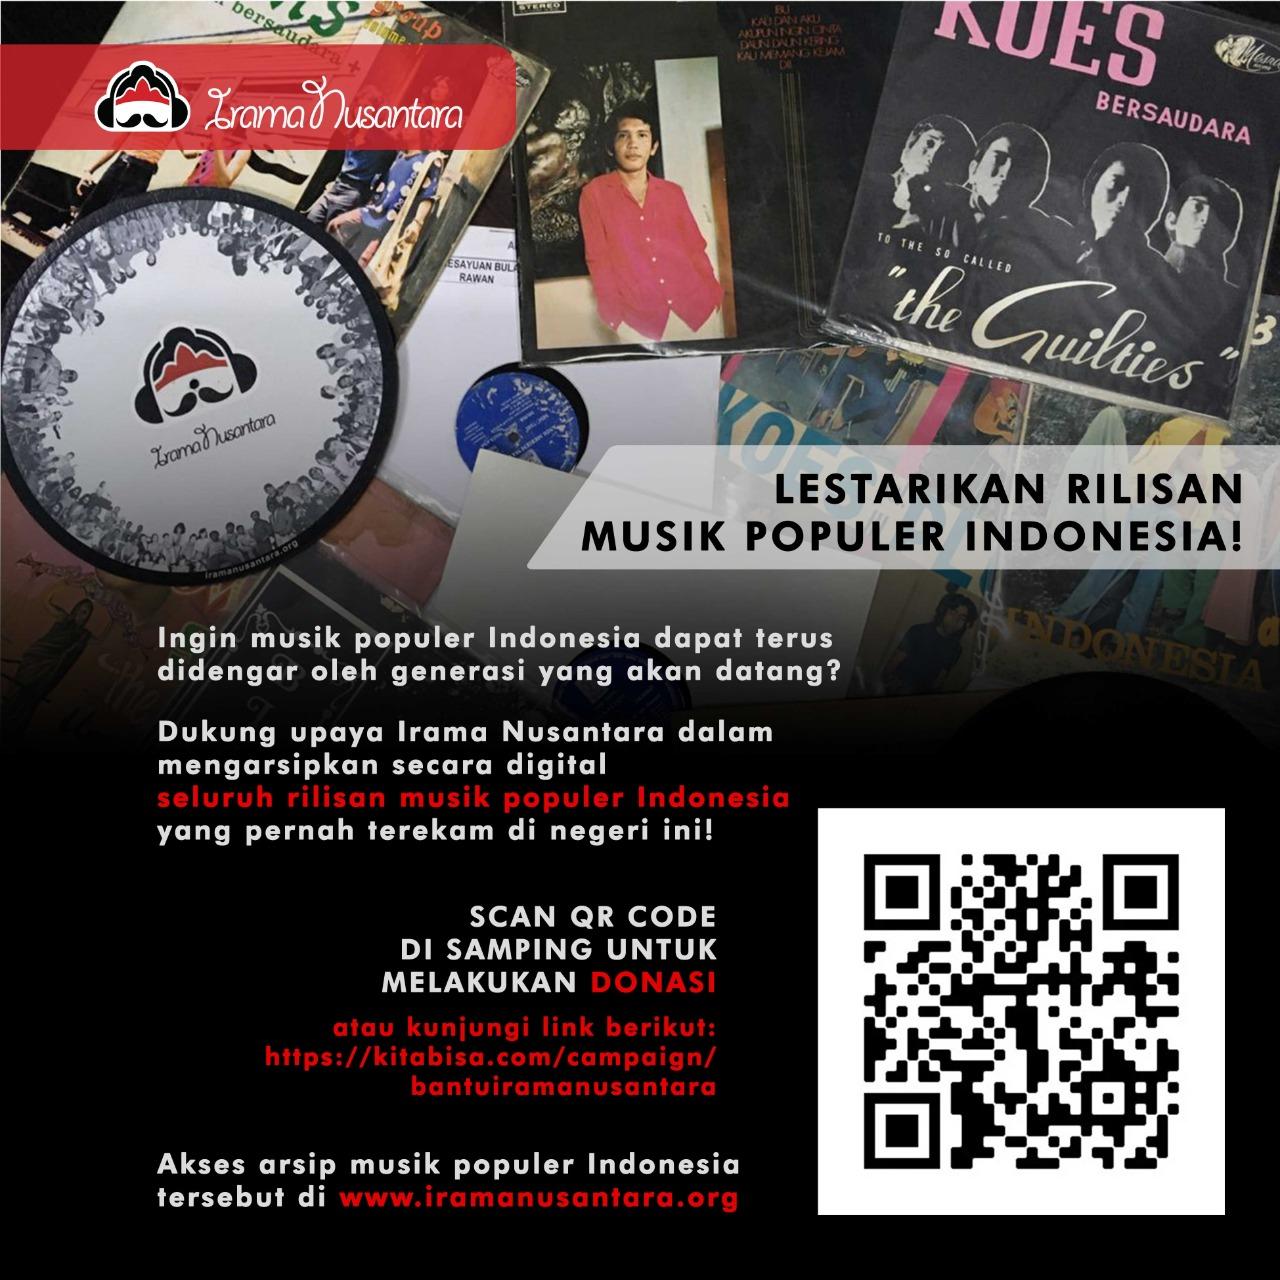 Jalan Panjang Irama Nusantara Mengarsipkan Musik Indonesia